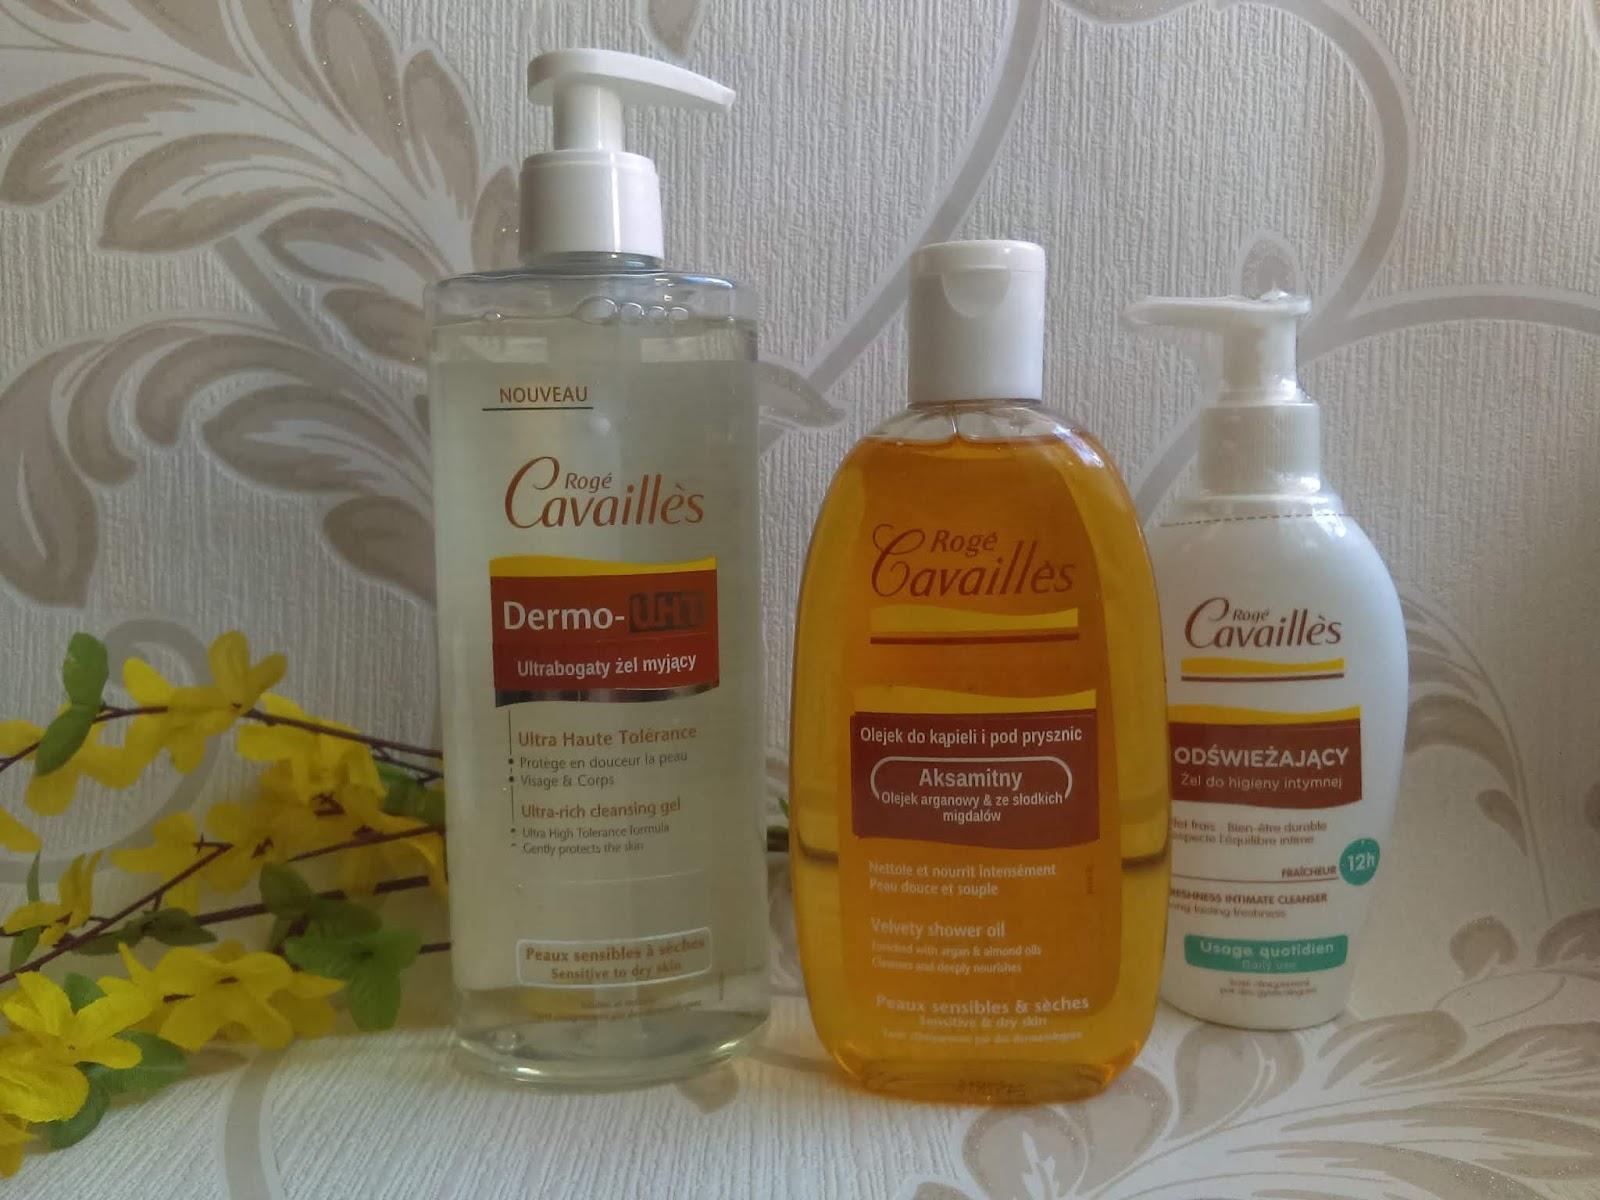 Cosmetics reviews : Dermokosmetyki  ROGE CAVAILLES - skuteczna i przyjemna pielęgnacja ciała.